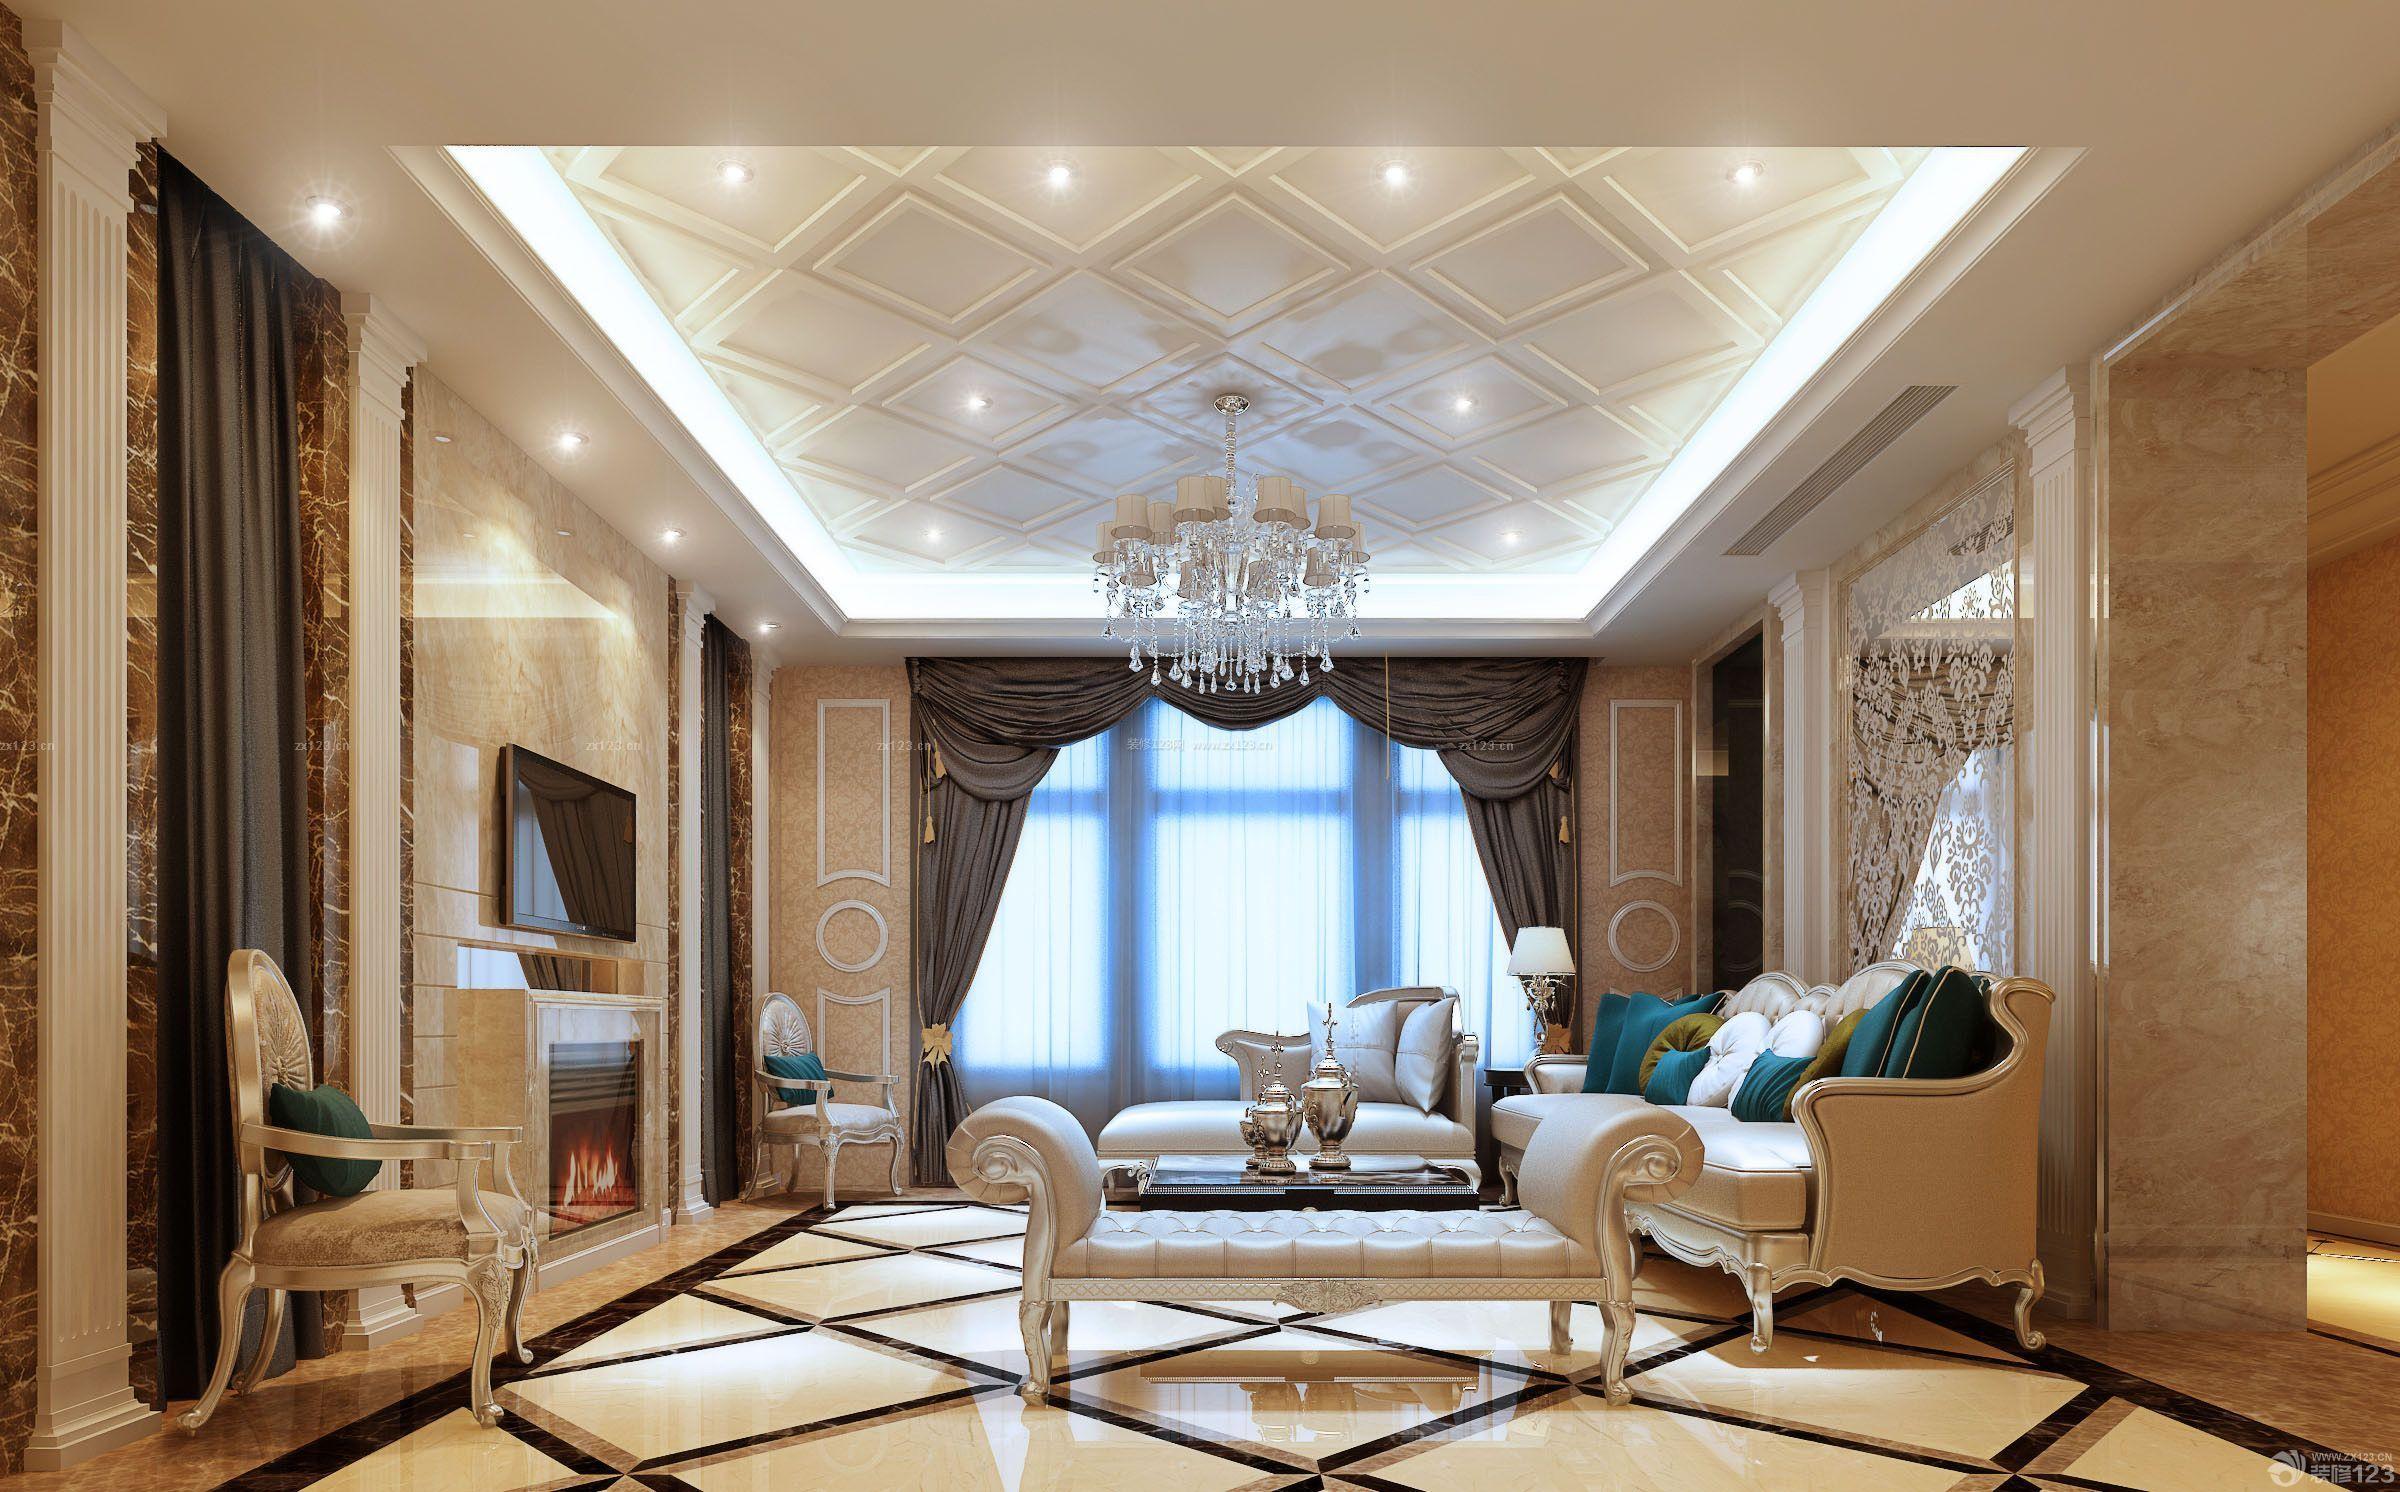 欧式室内装潢时尚客厅天花板吊顶装修效果图